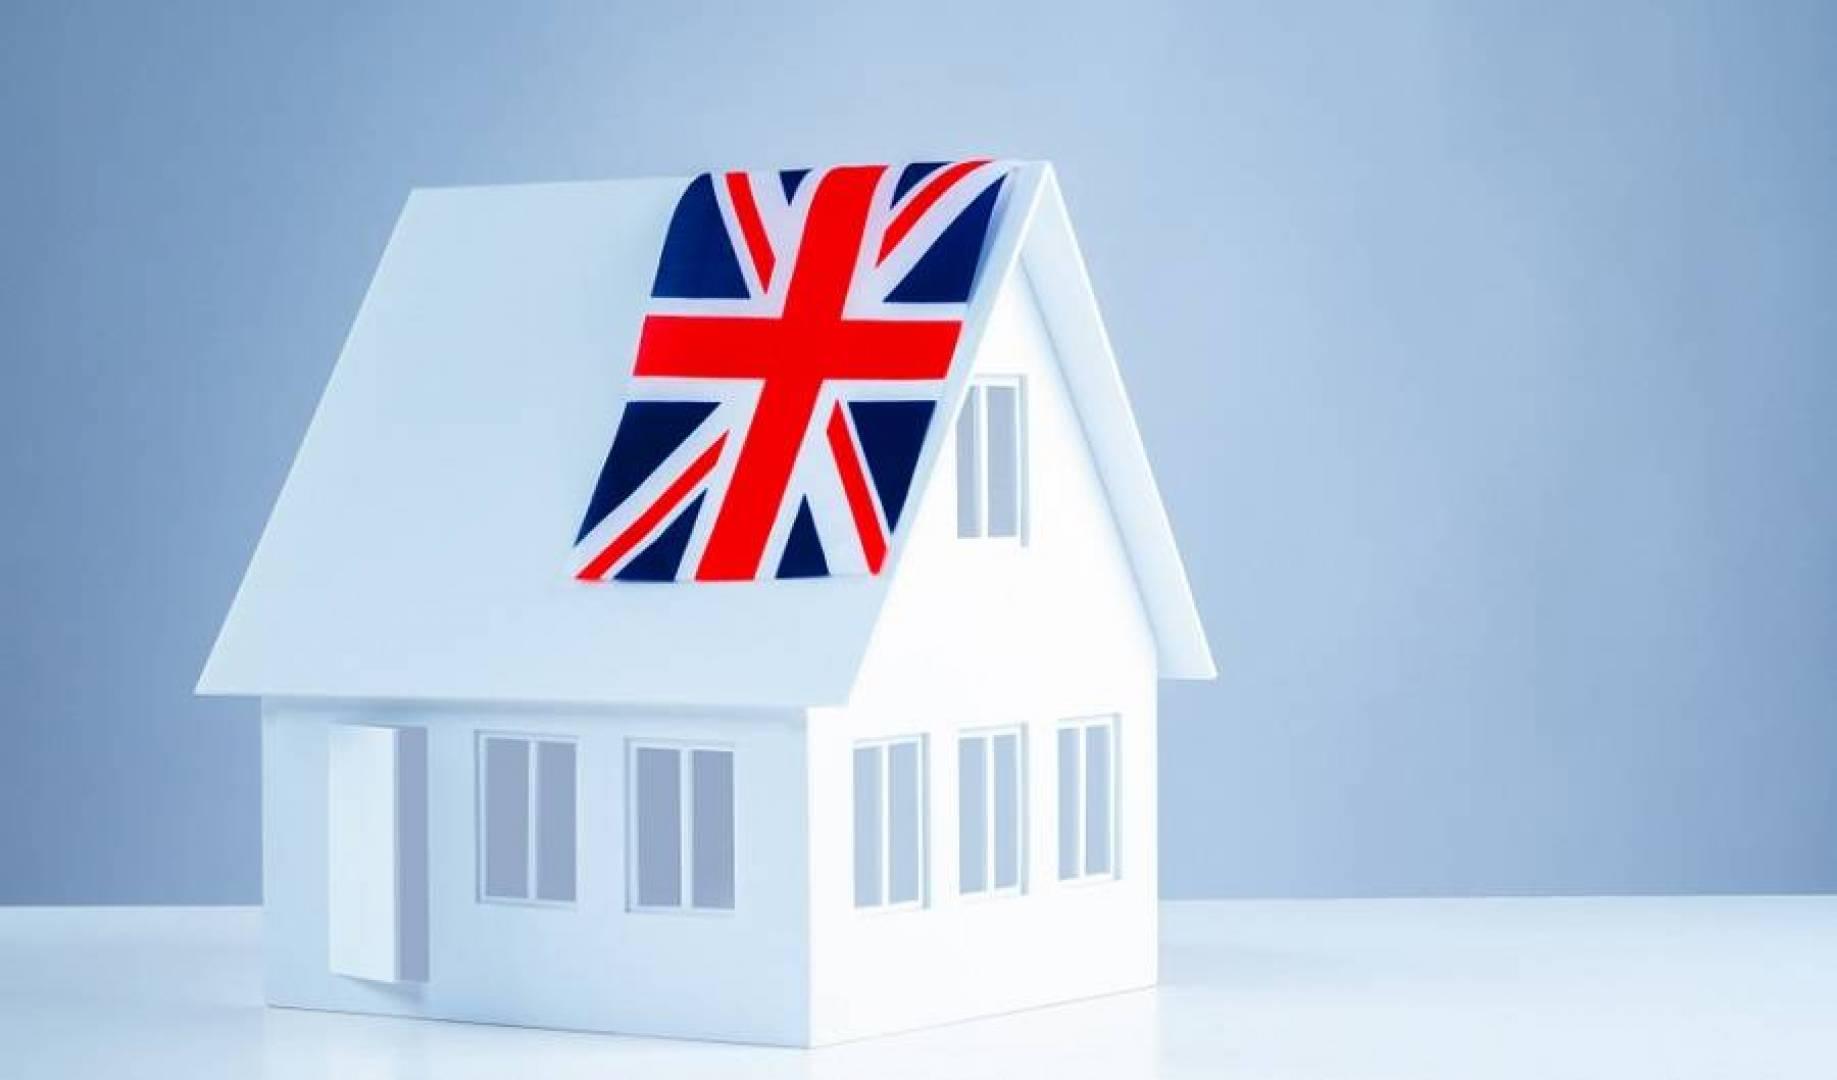 العقارات البريطانية تحقق أكبر ارتفاع لها منذ 18 عاماً